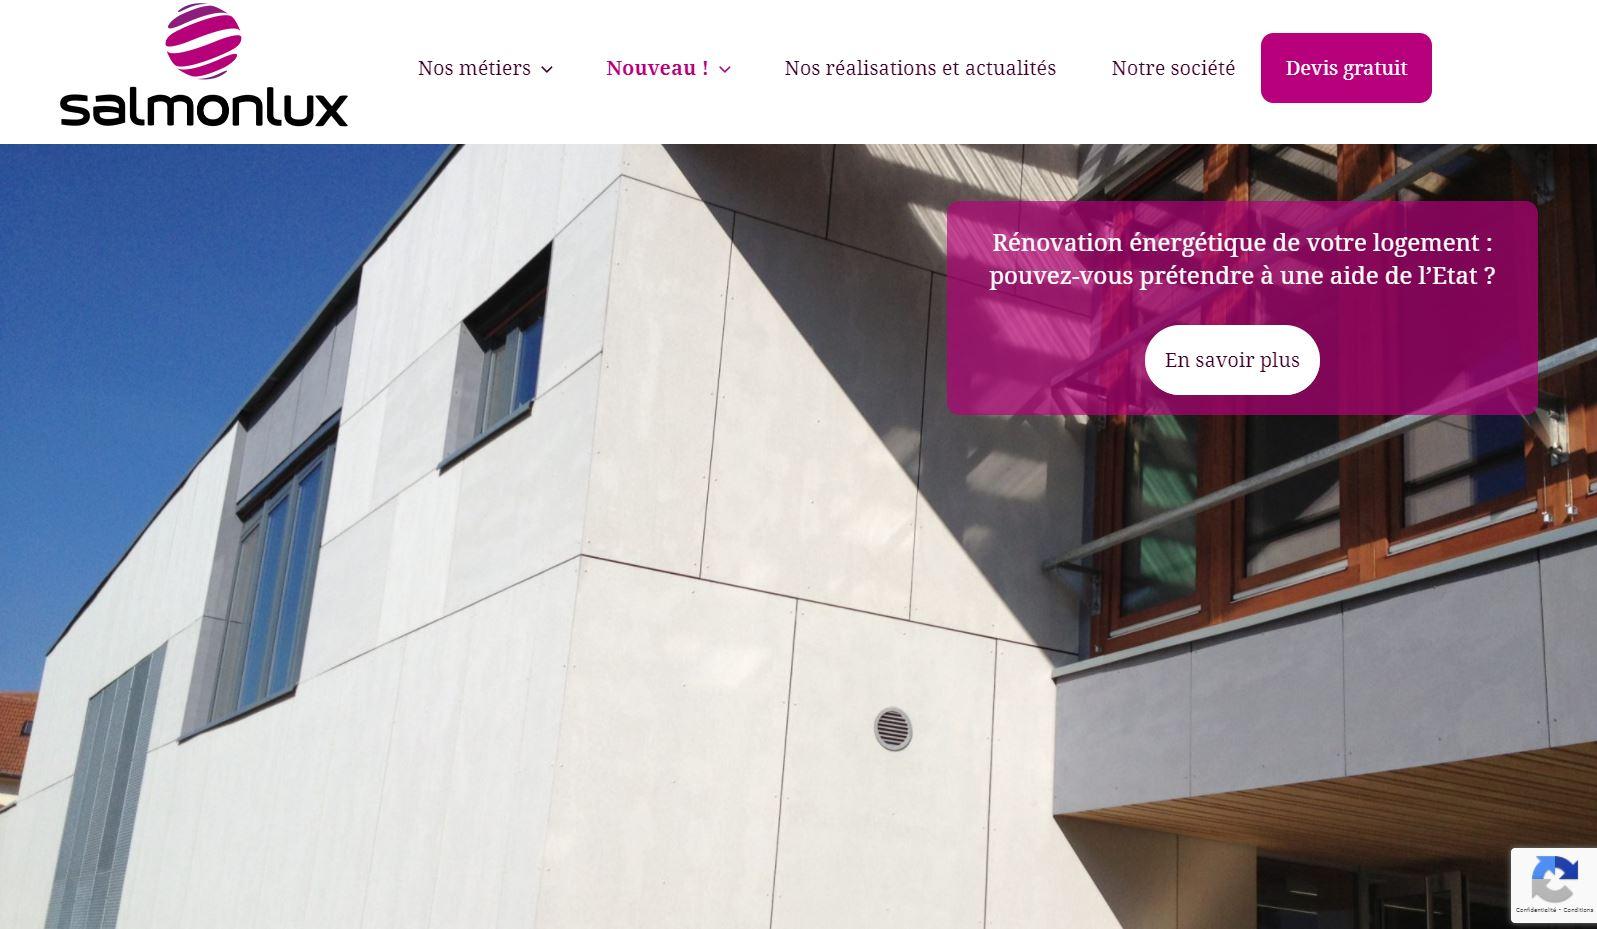 Salmonlux : un site internet aux couleurs franches et aux photos mises en valeur